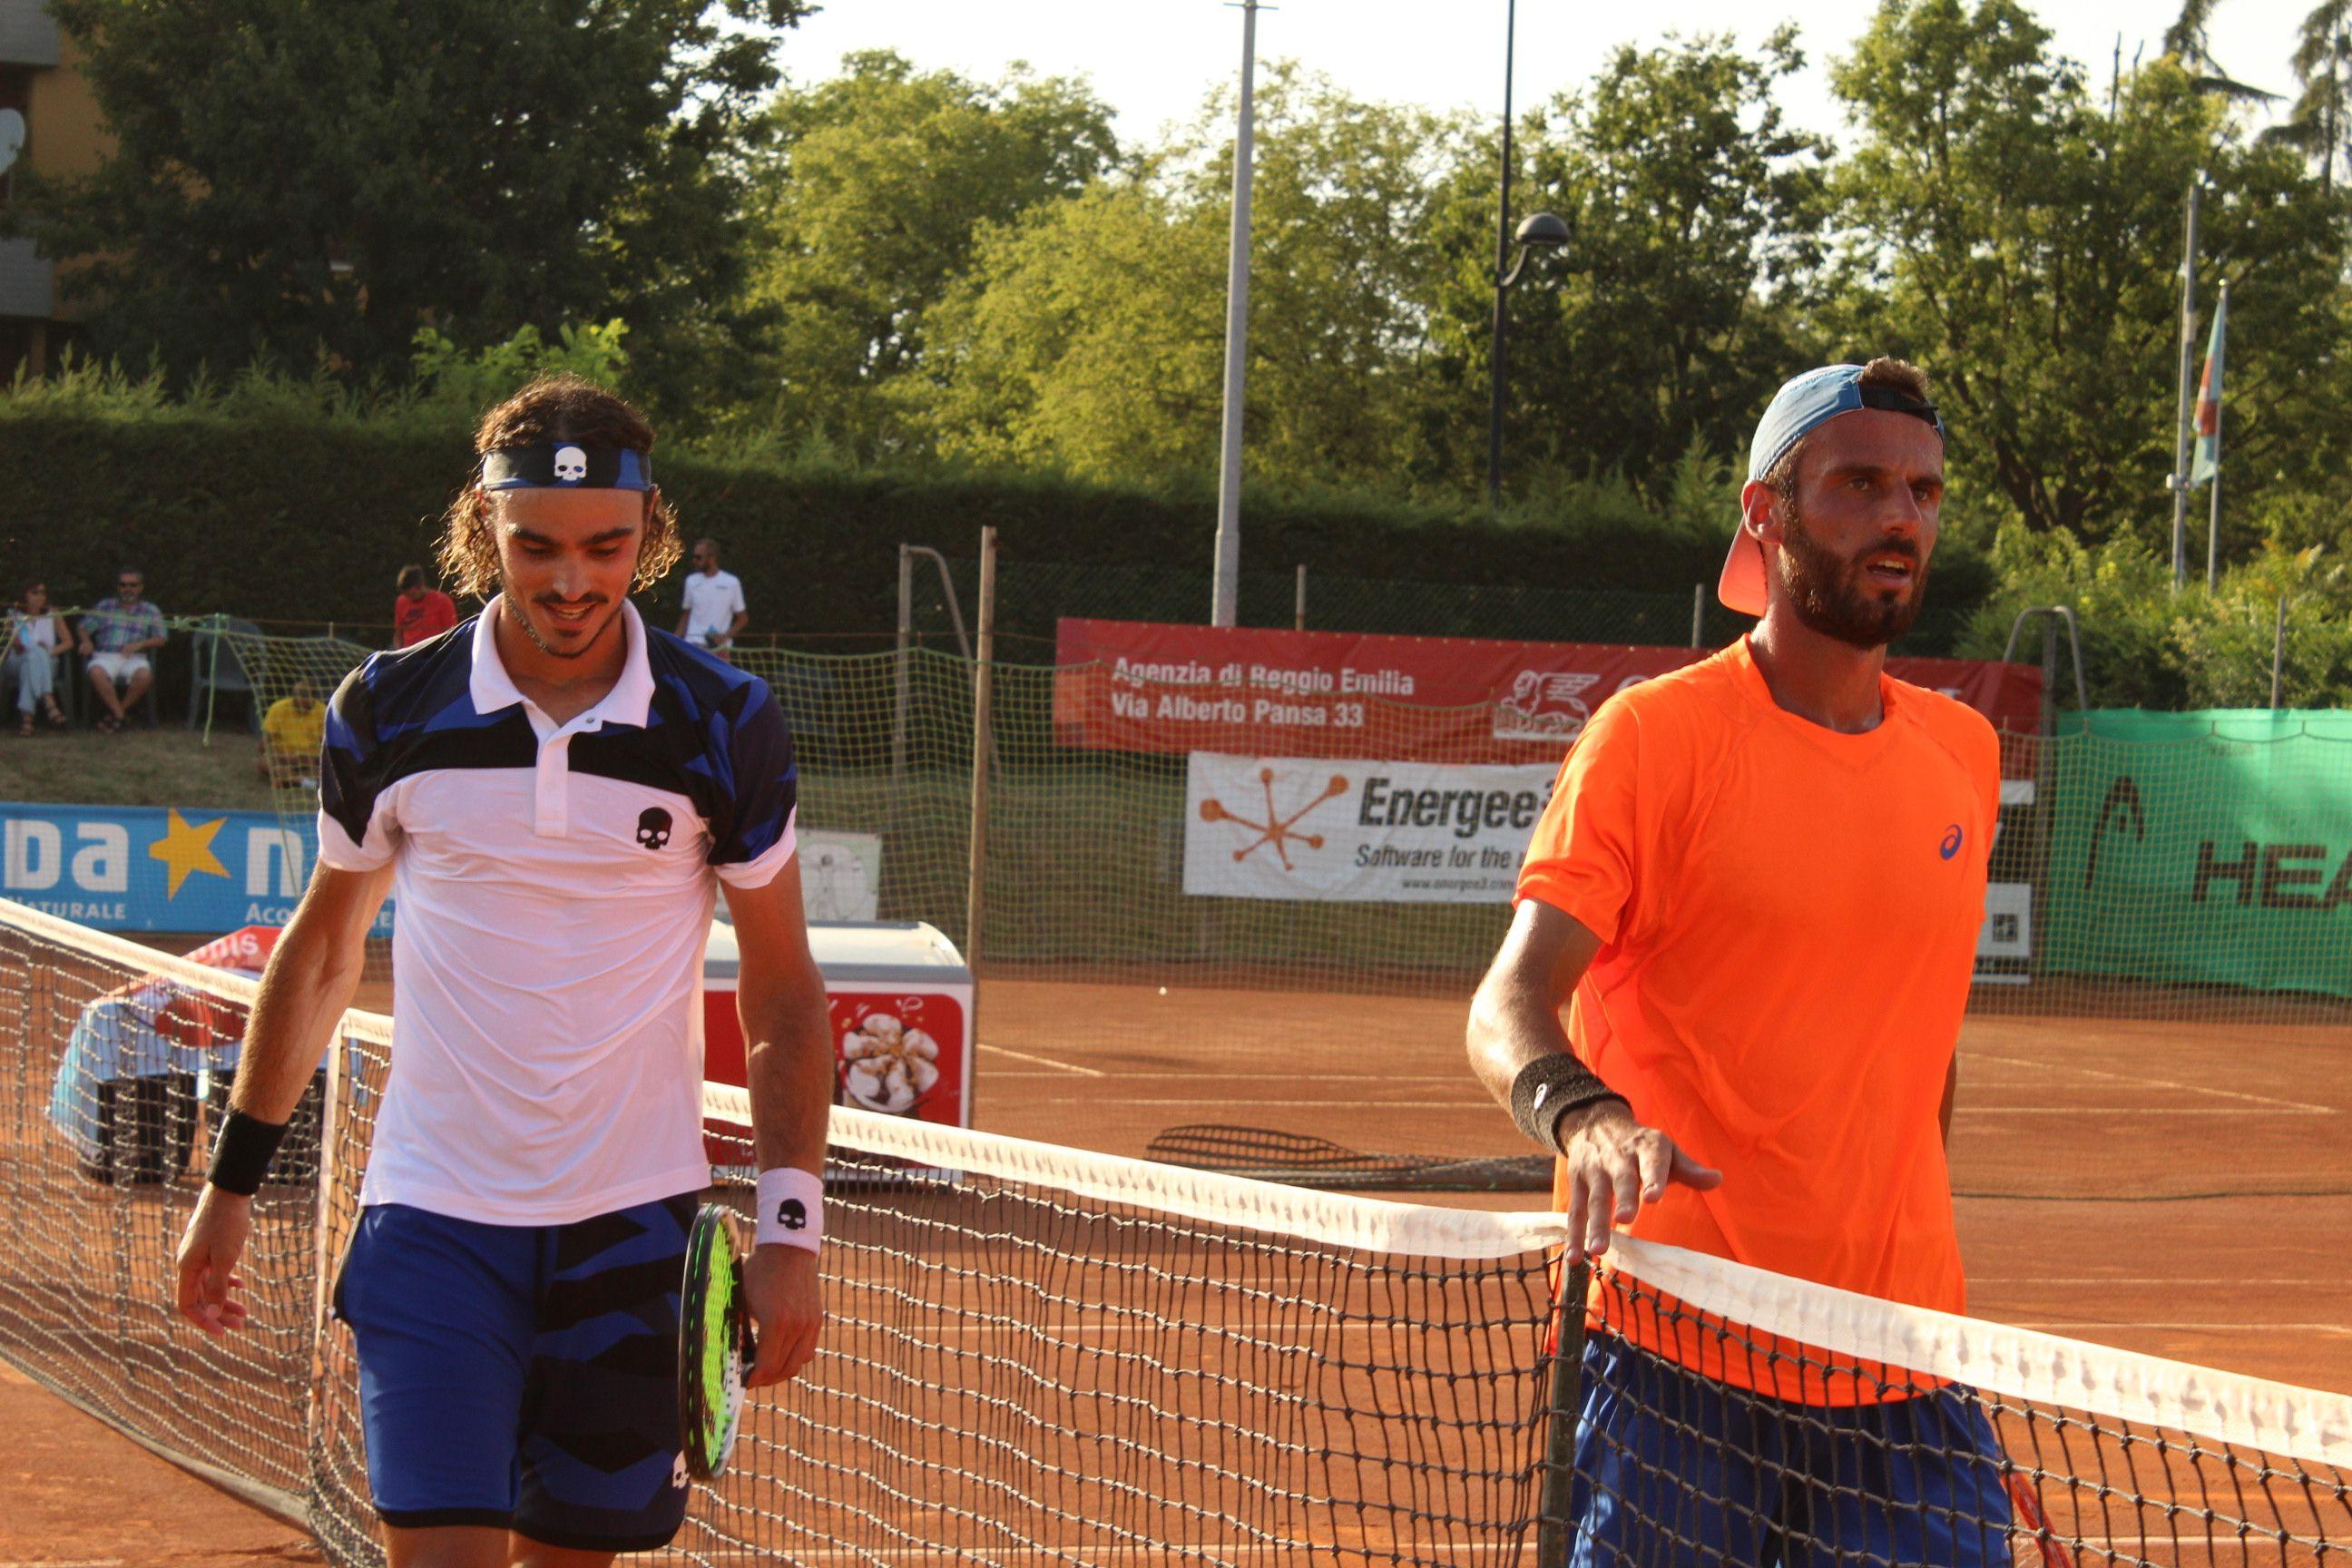 Torna il grande tennis al Ct Alinea: da domani al via la terza edizione del torneo Itf